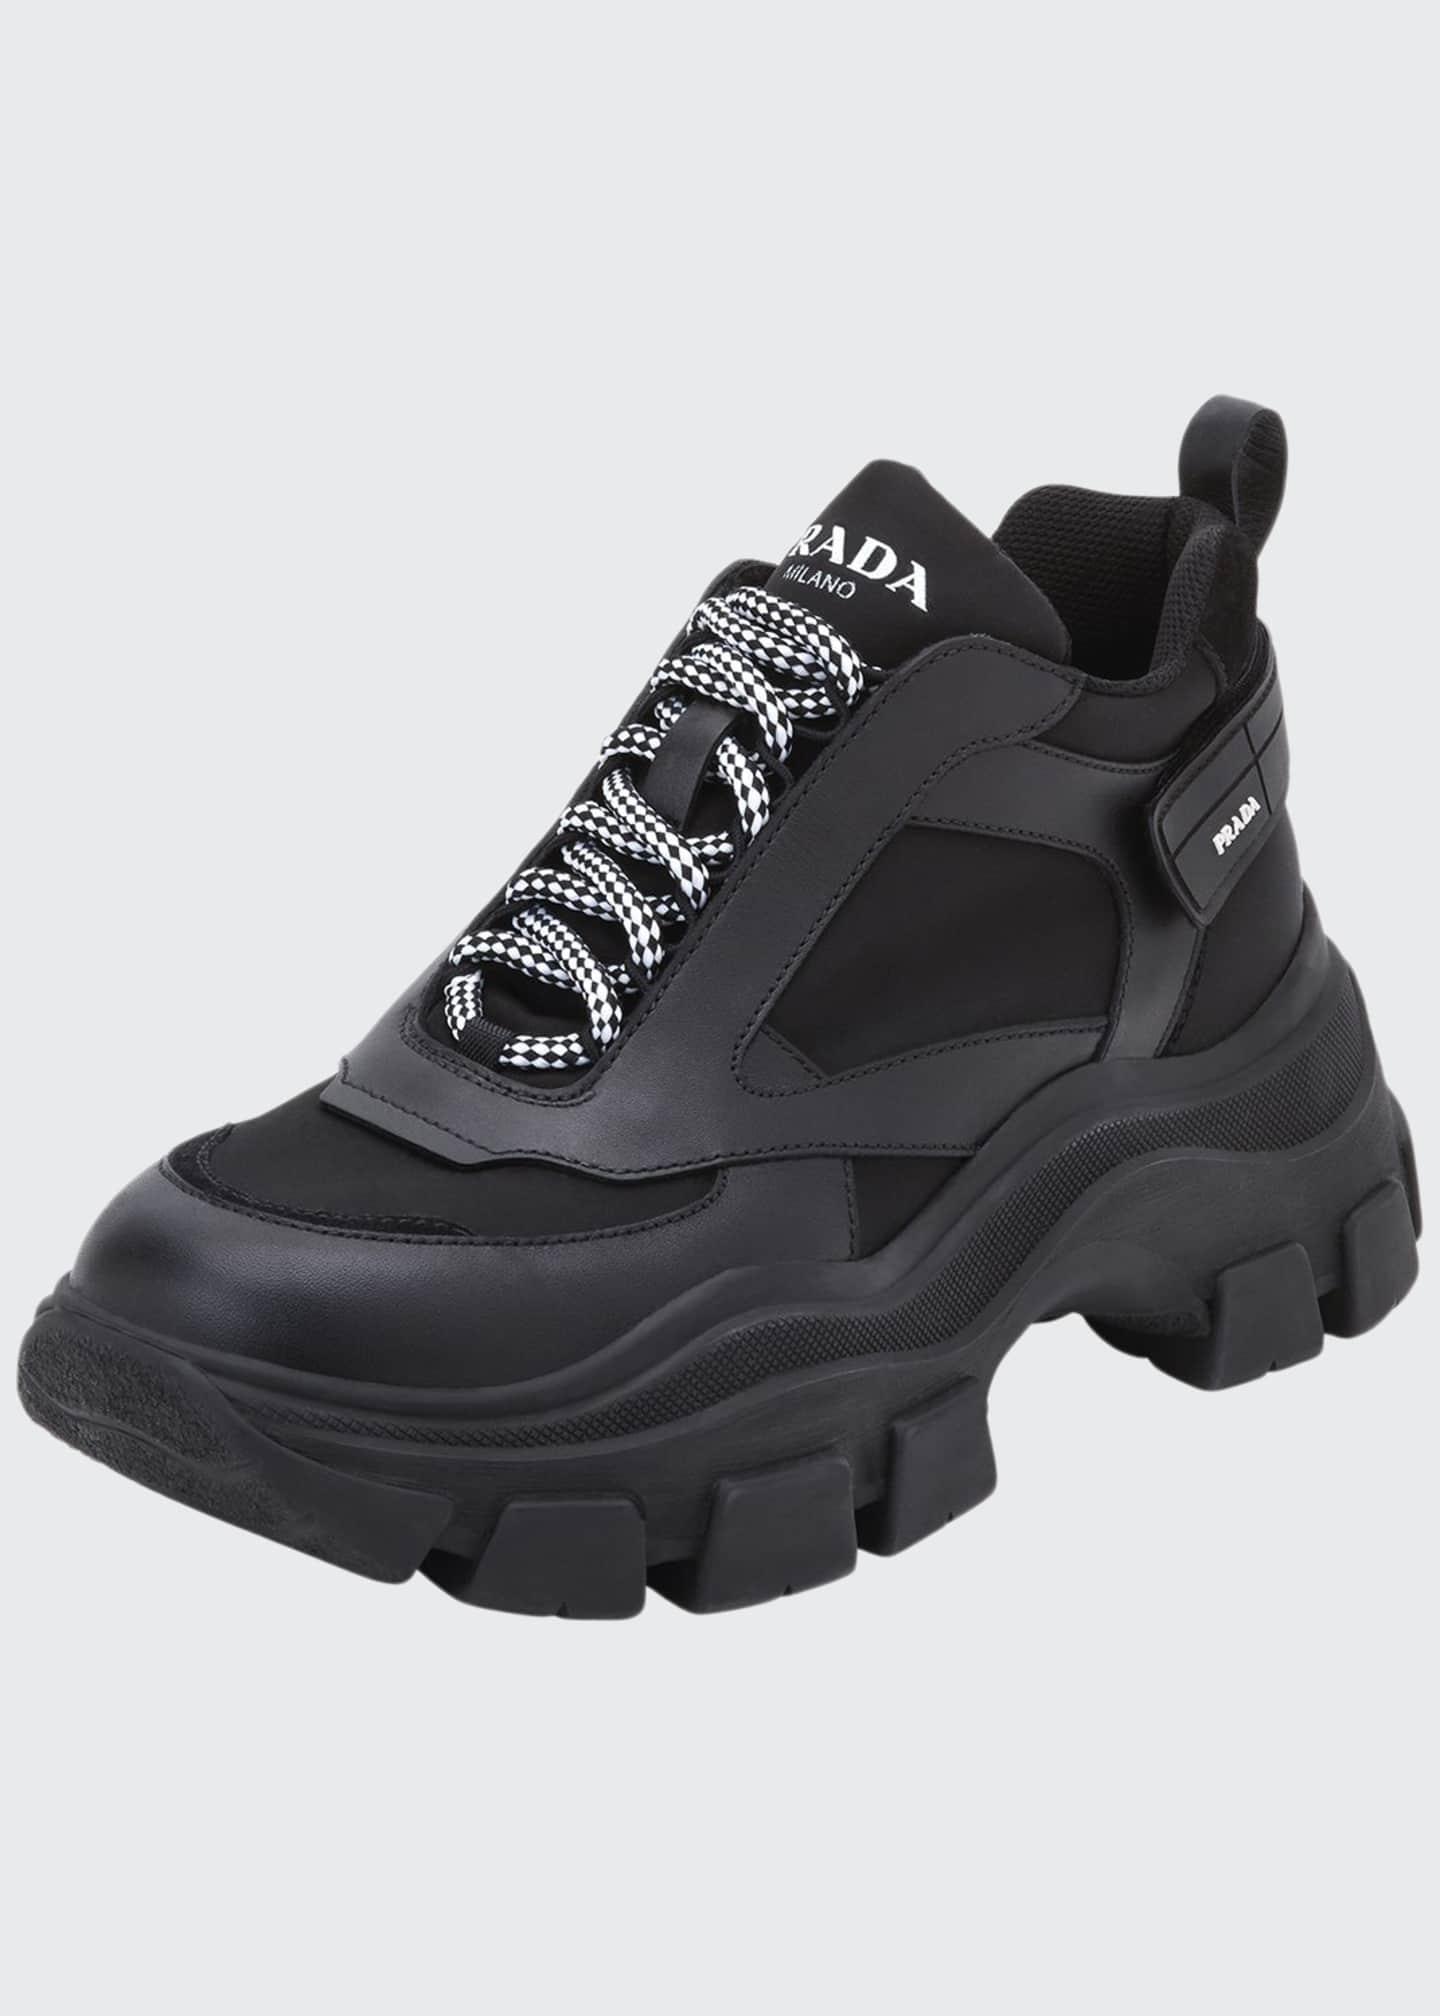 Prada Men's Pegasus Nylon & Leather Chunky Sneakers